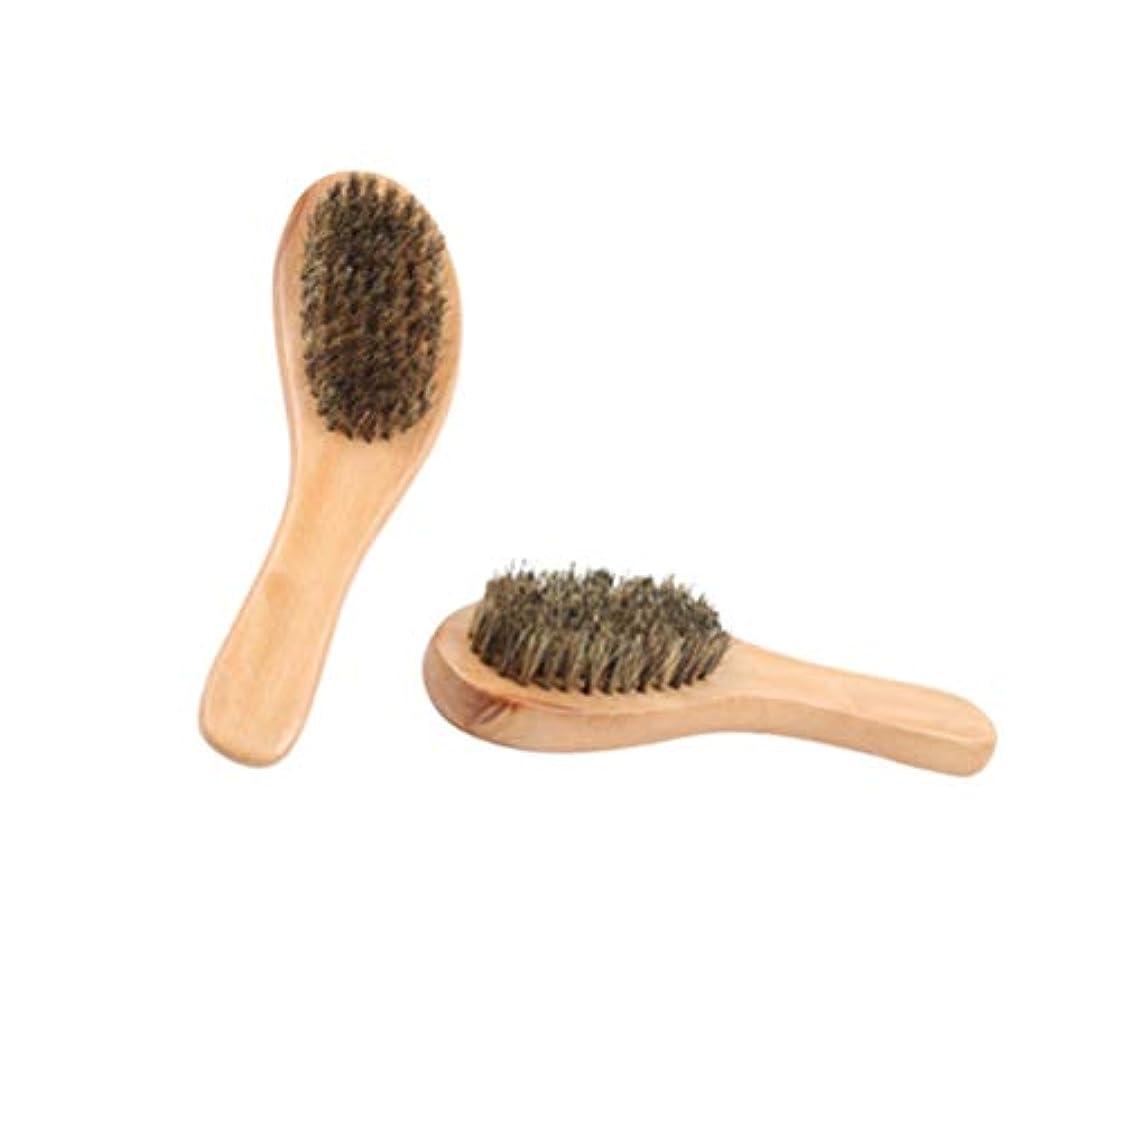 パンチキネマティクス区別SUPVOX 靴磨き用ブラシ磨き靴用ブラシ剛毛クリーニングブラシ家庭用ショップ用ウッドハンドル付きクリーナー2pcs(カラー1)